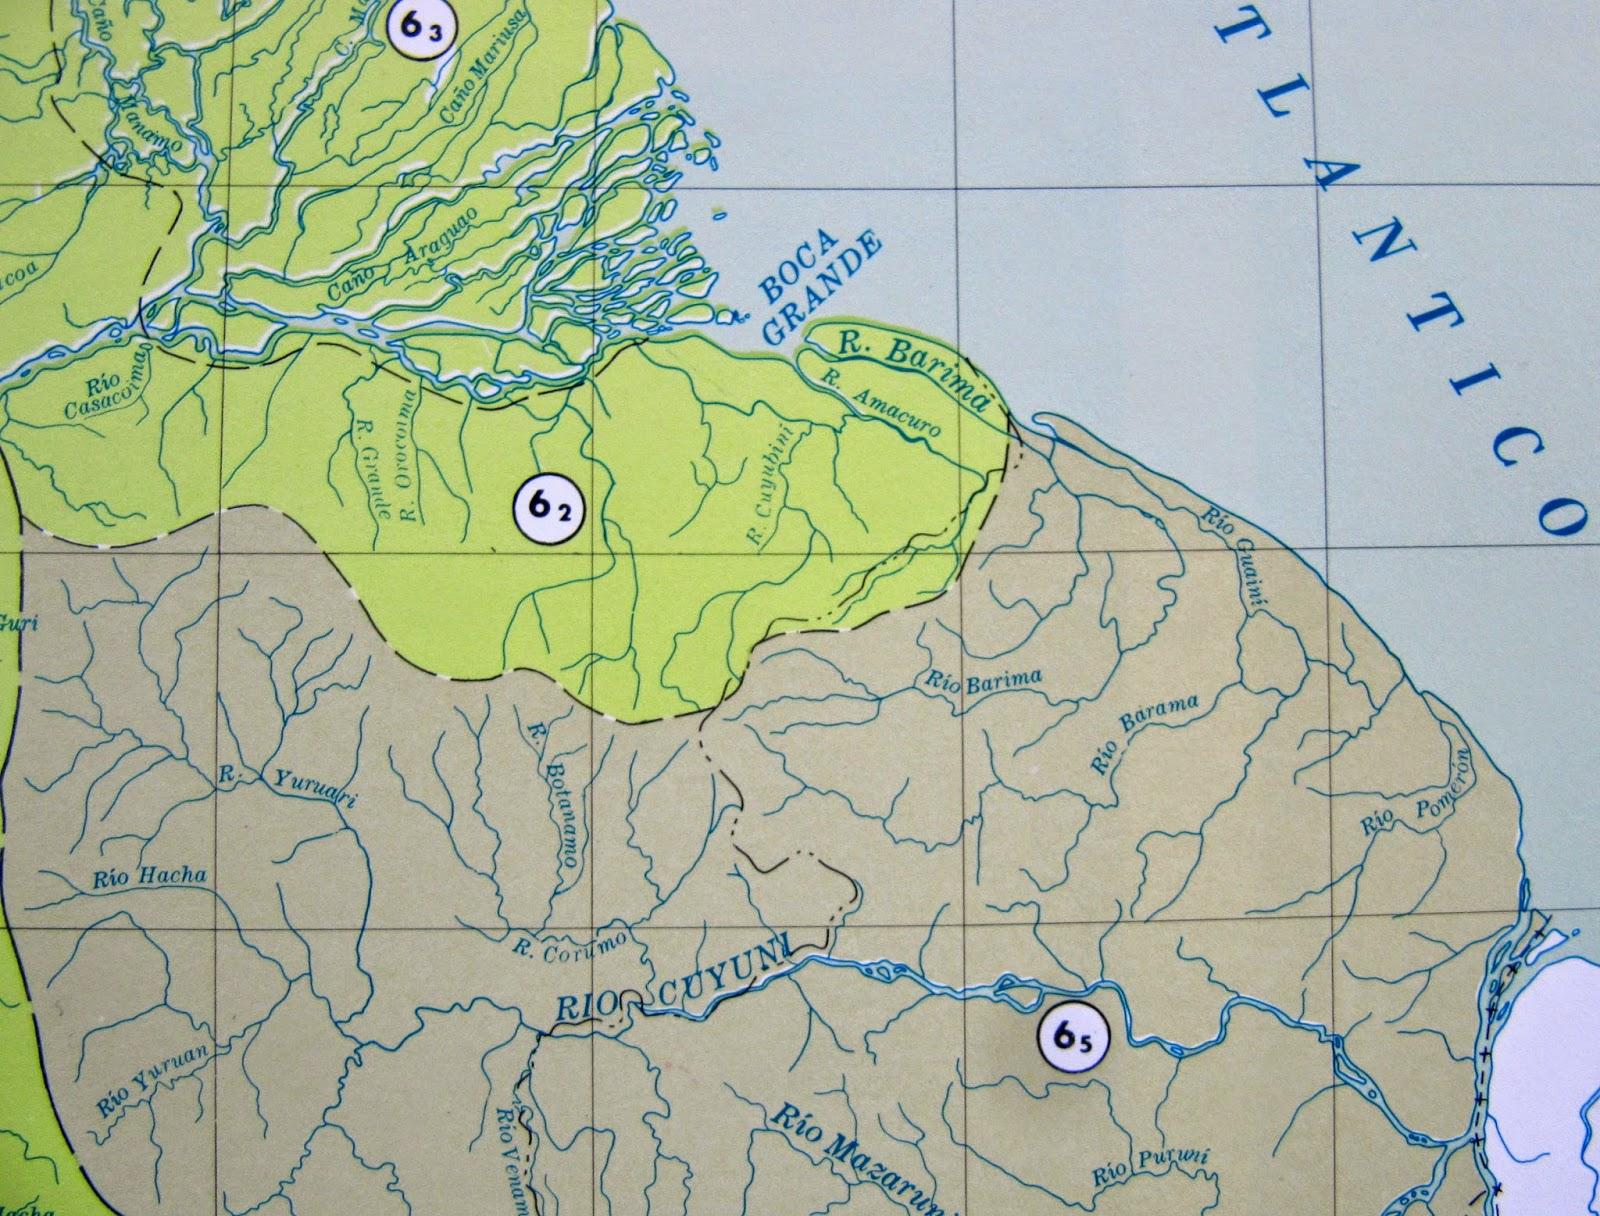 Cartografa de la guayana esequiba junio 2014 una parte del mapa de las cuencas hidrogrficas de venezuela cuenca del ro orinoco bajo orinoco regin delta casacoima orocaima en la que podemos altavistaventures Choice Image